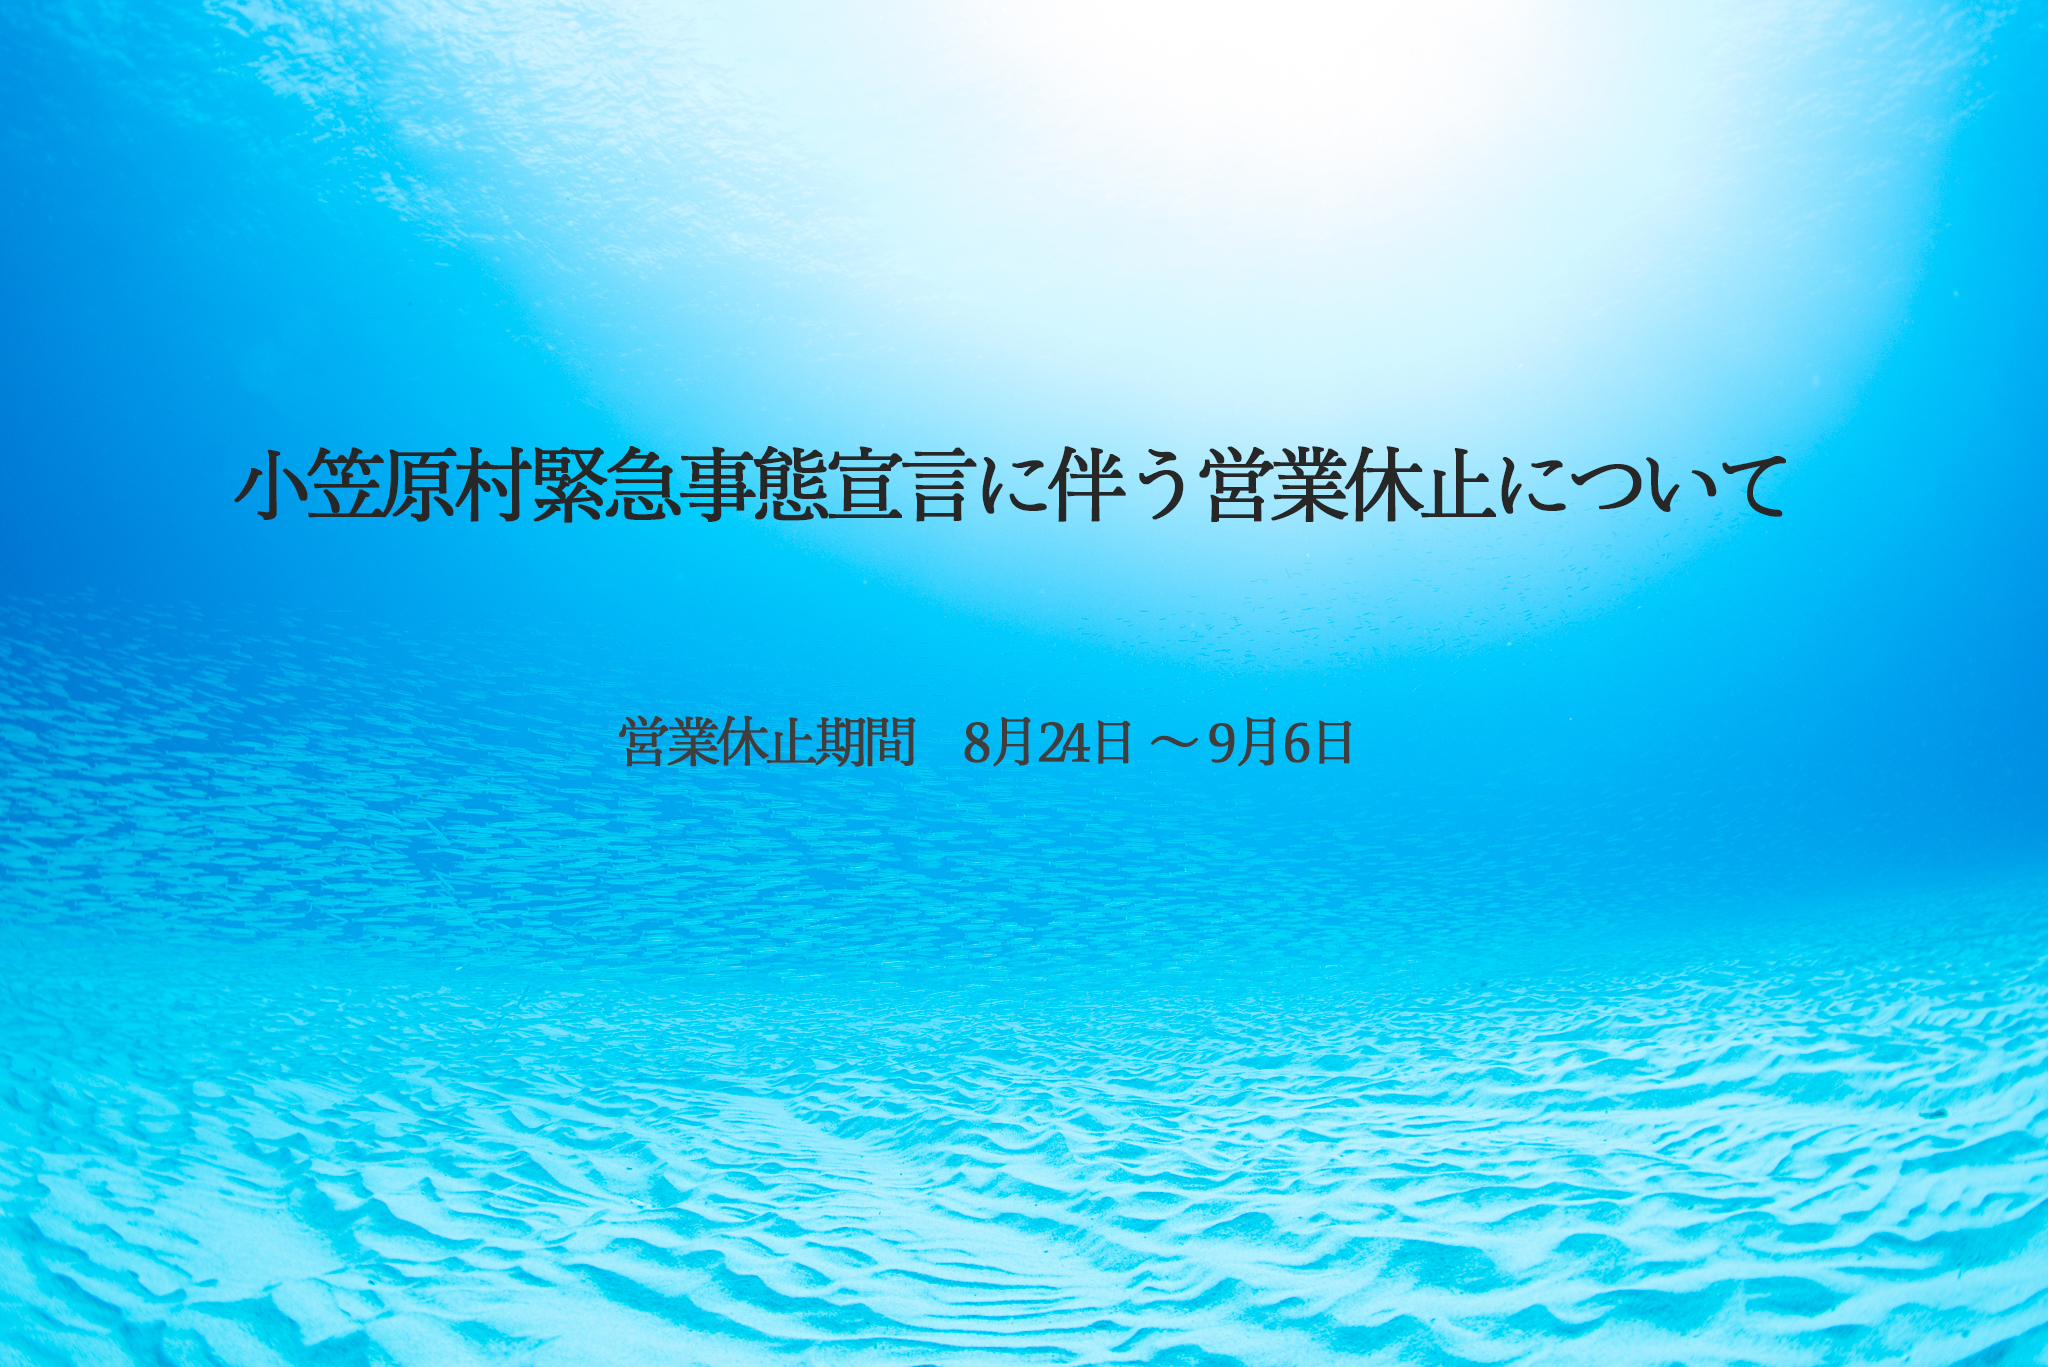 小笠原村緊急事態宣言に伴う営業休止について。